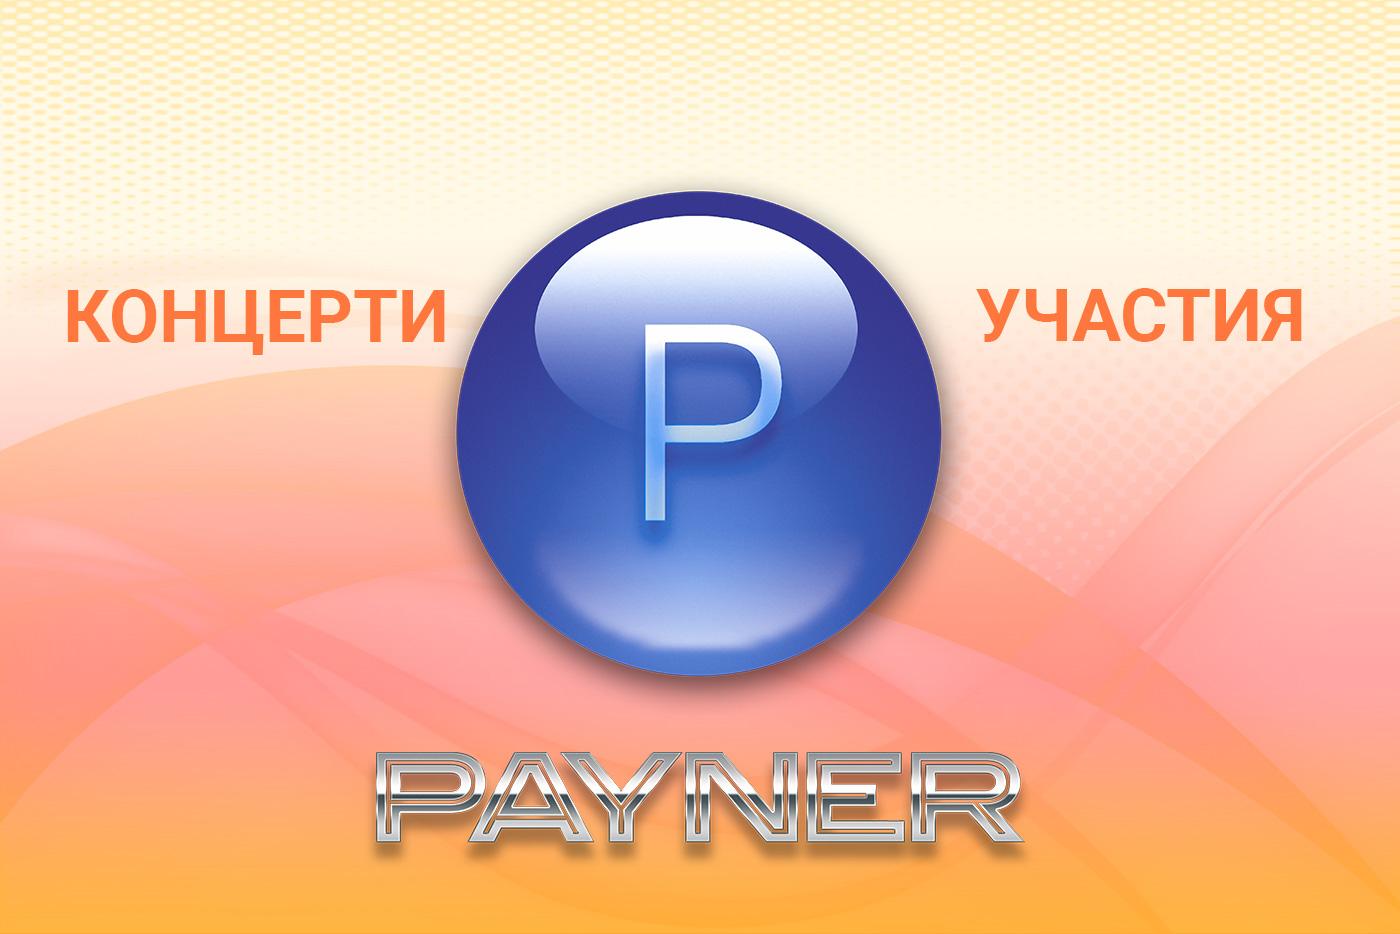 """Участия на звездите на """"Пайнер"""" на 14.02.2020"""